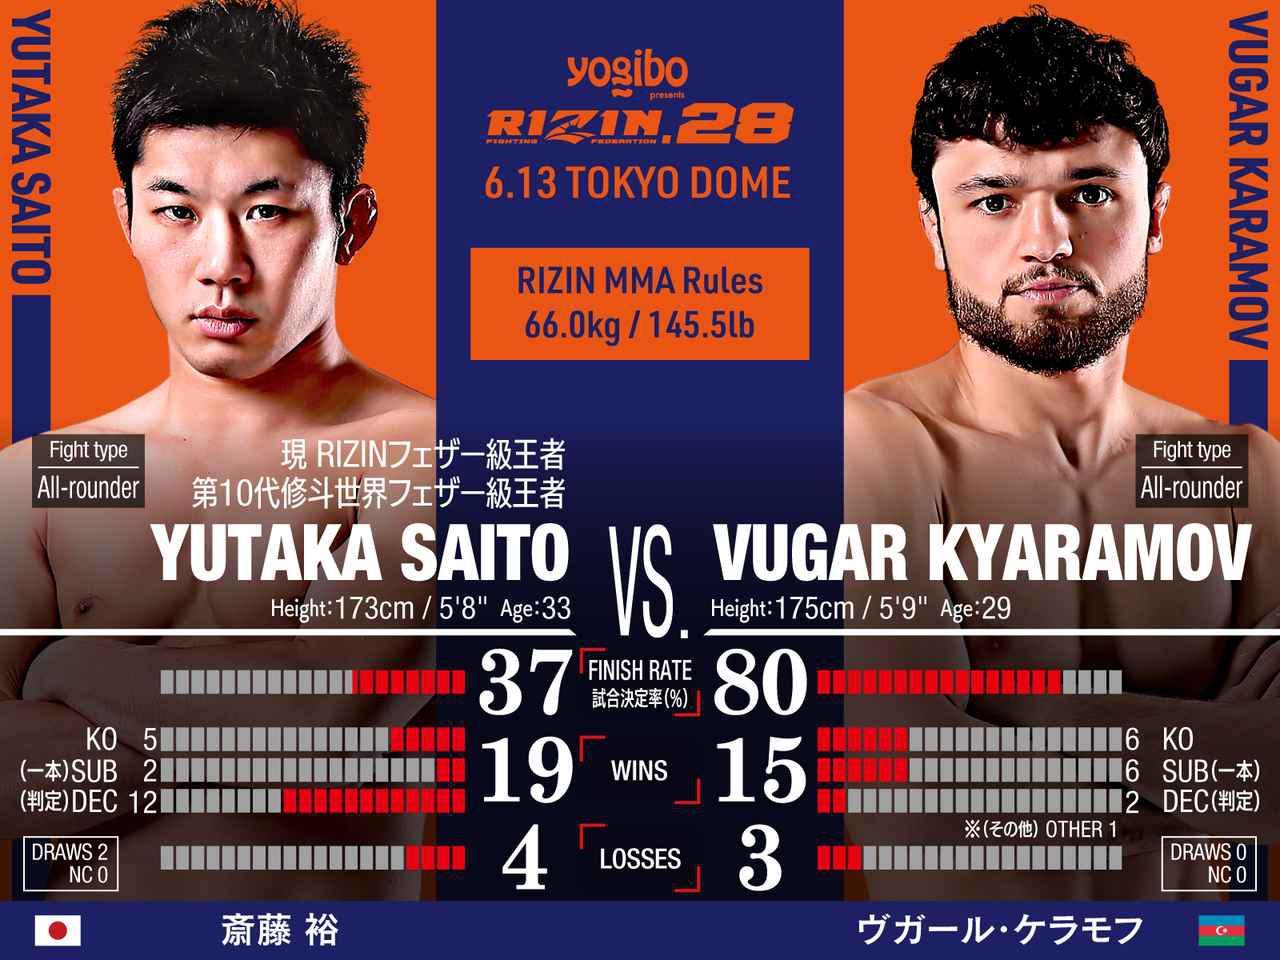 画像: スペシャルワンマッチ/斎藤裕 vs. ヴガール・ケラモフ